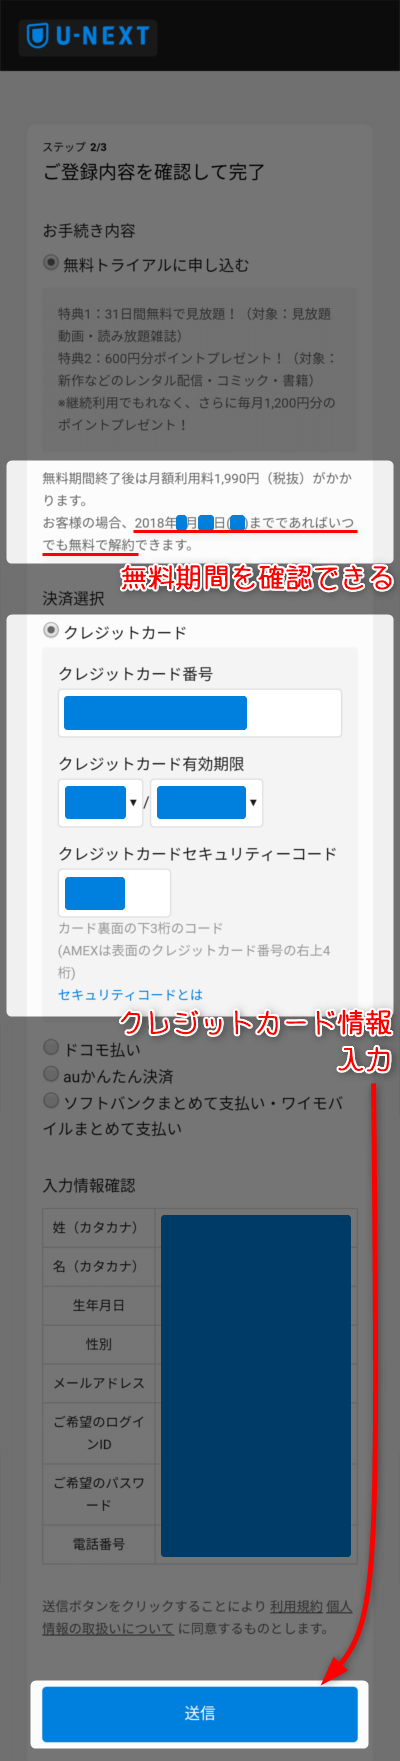 無料期間を確認できる。クレジットカード情報を入力して「送信」タップ